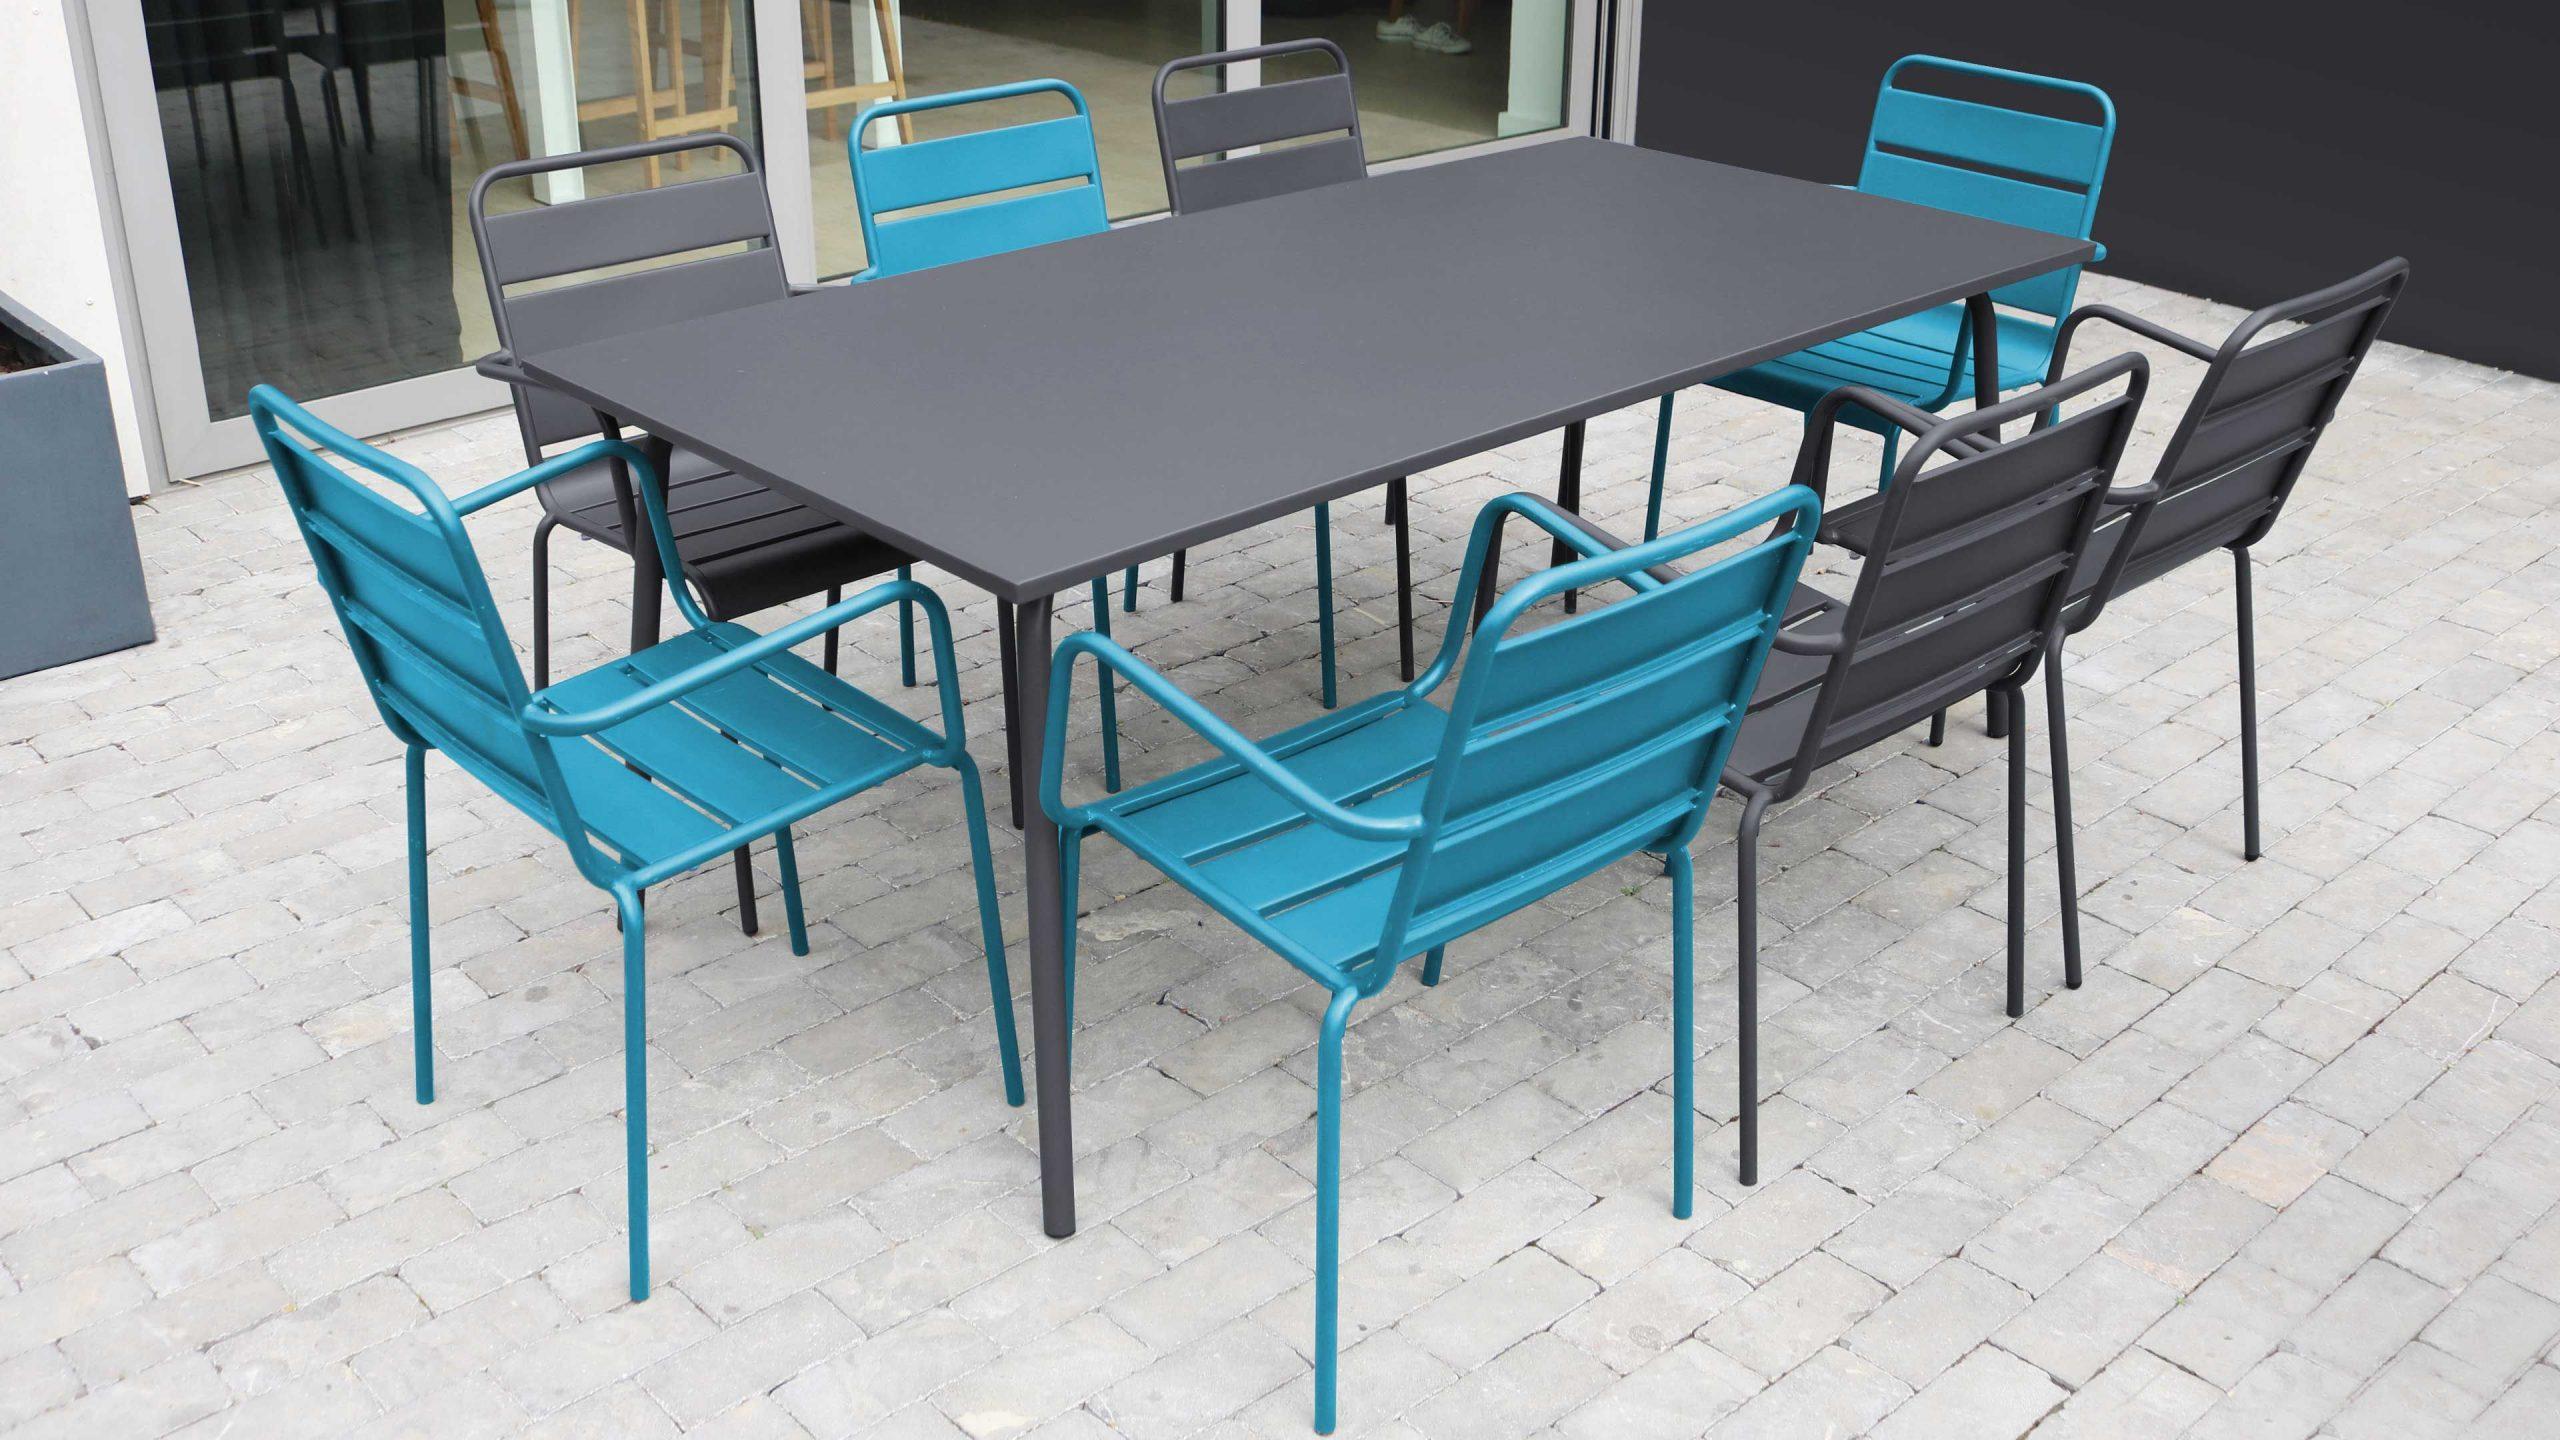 Salon De Jardin Metal Table Et Fauteuils dedans Table Et Chaise De Jardin Solde